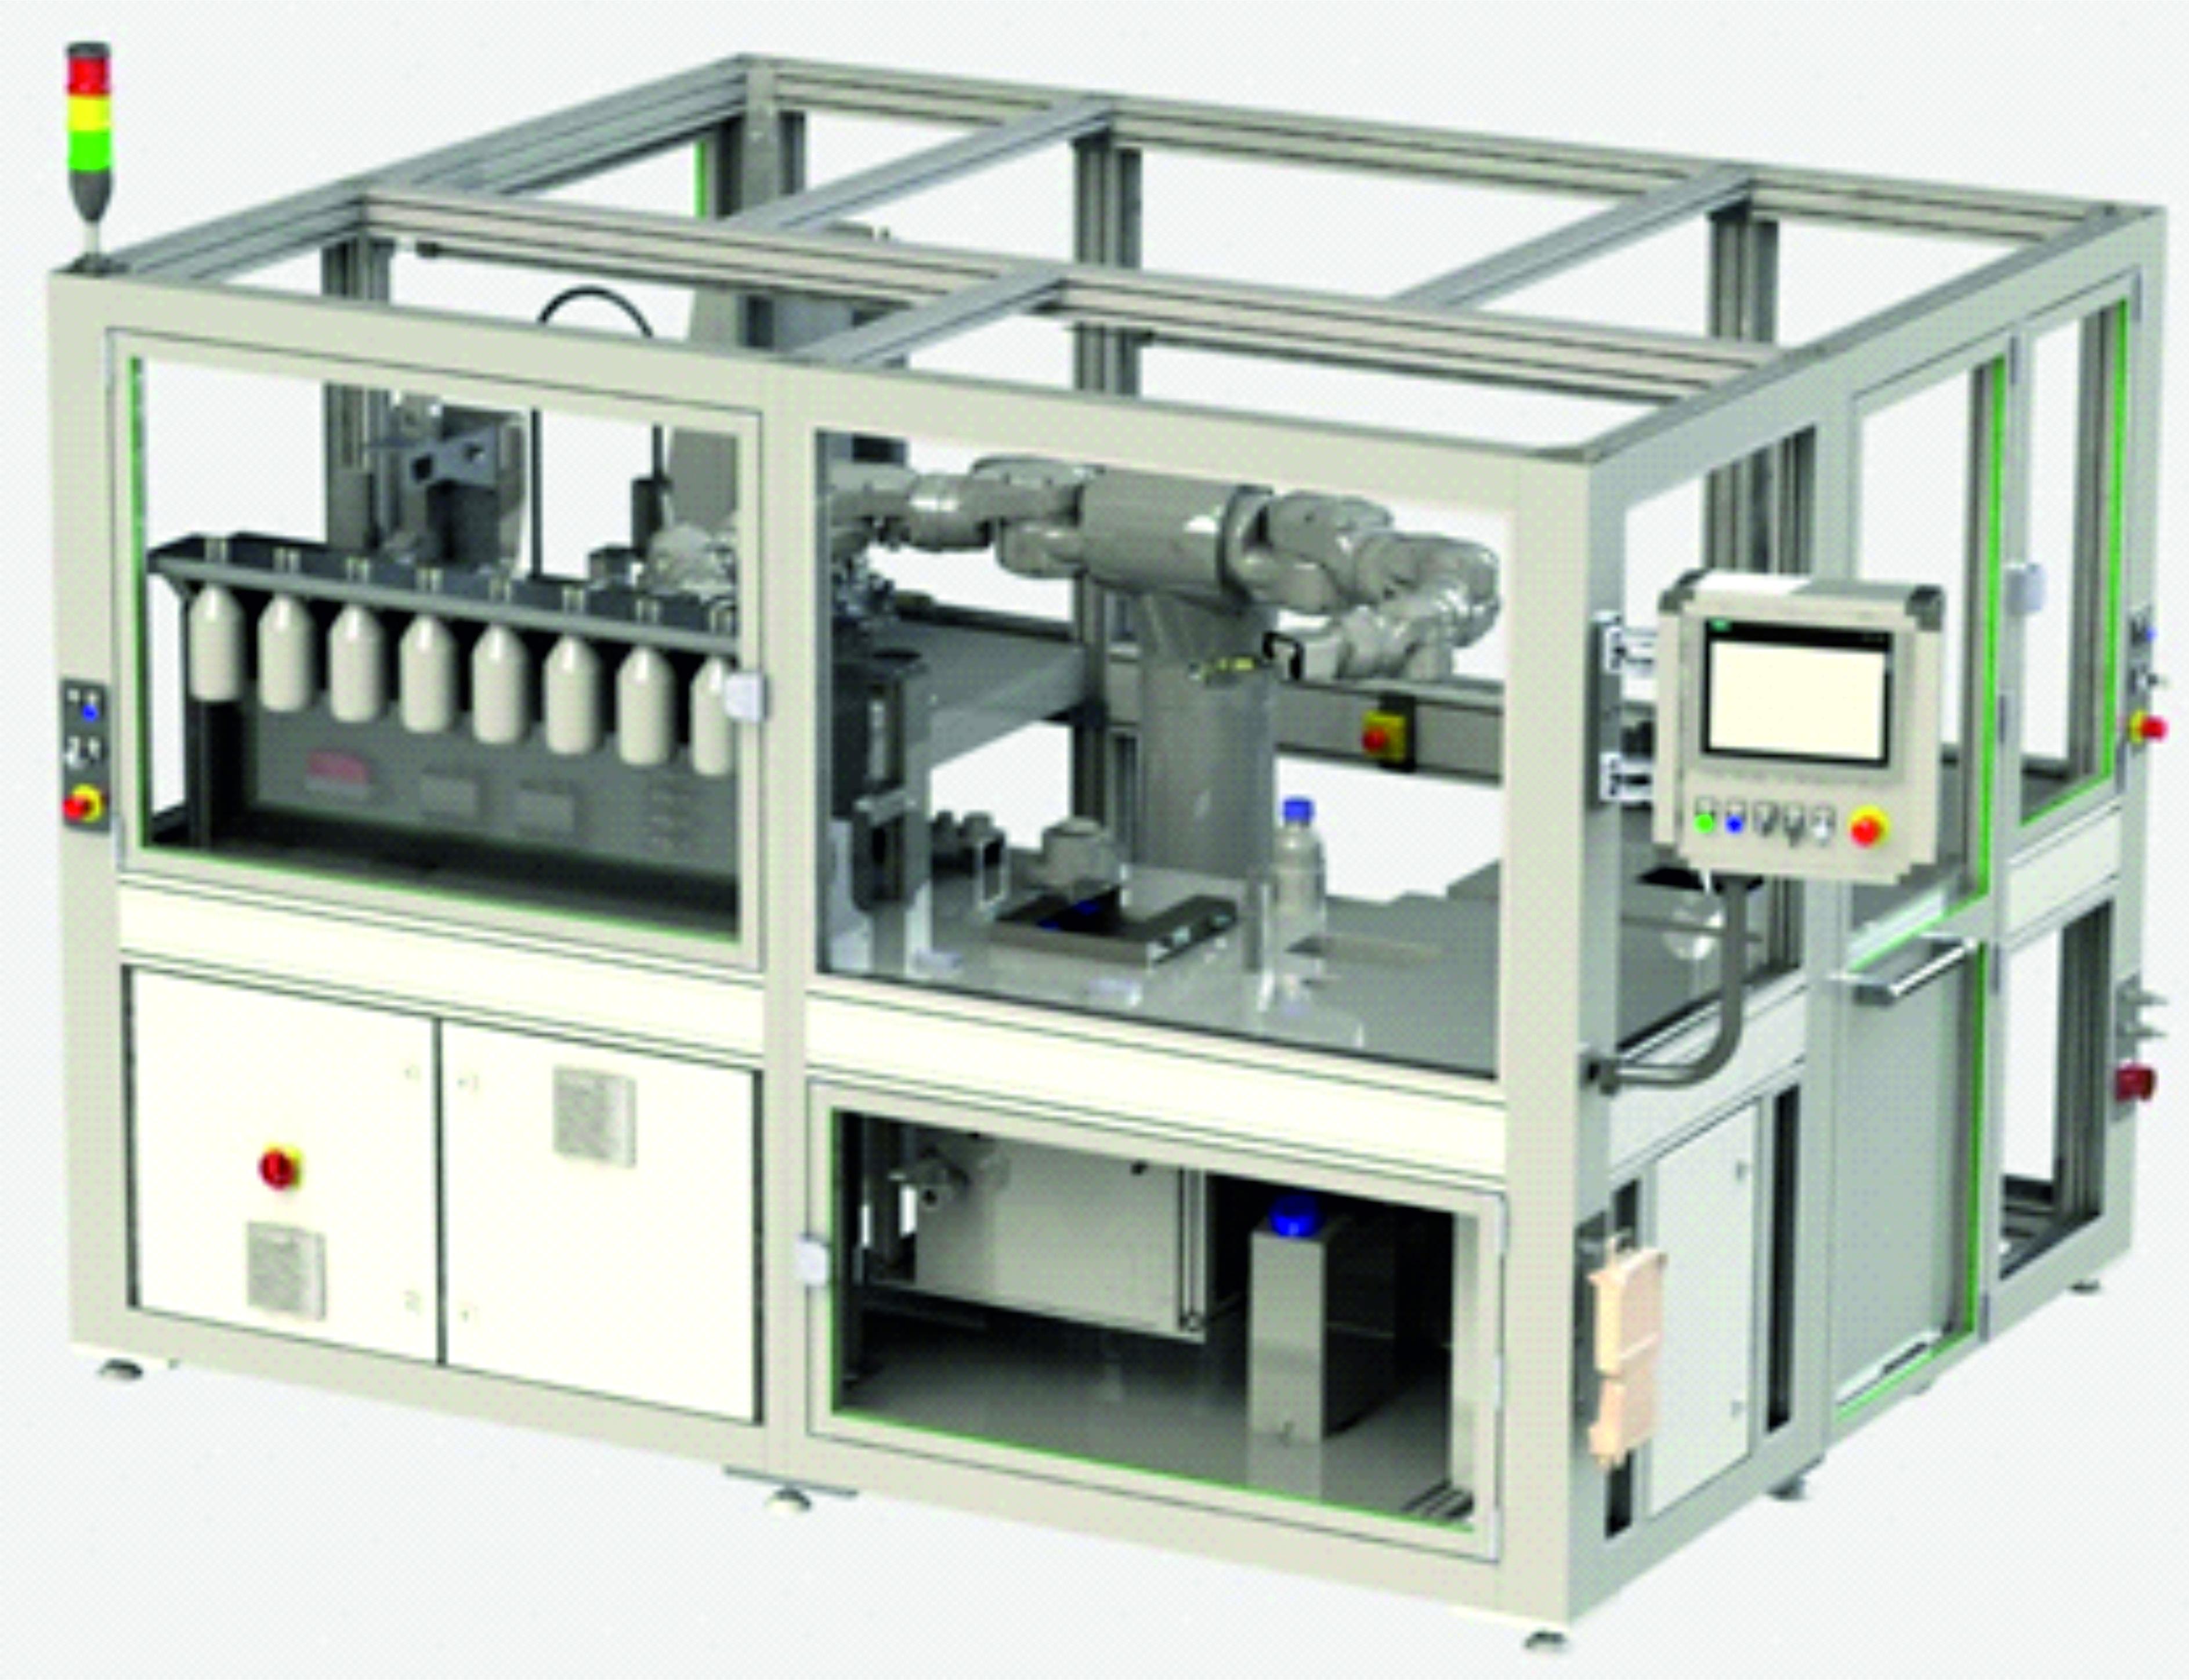 Automatisierte Produktion von Nanopartikeln mithilfe flexibler interaktiver Robotertechnik